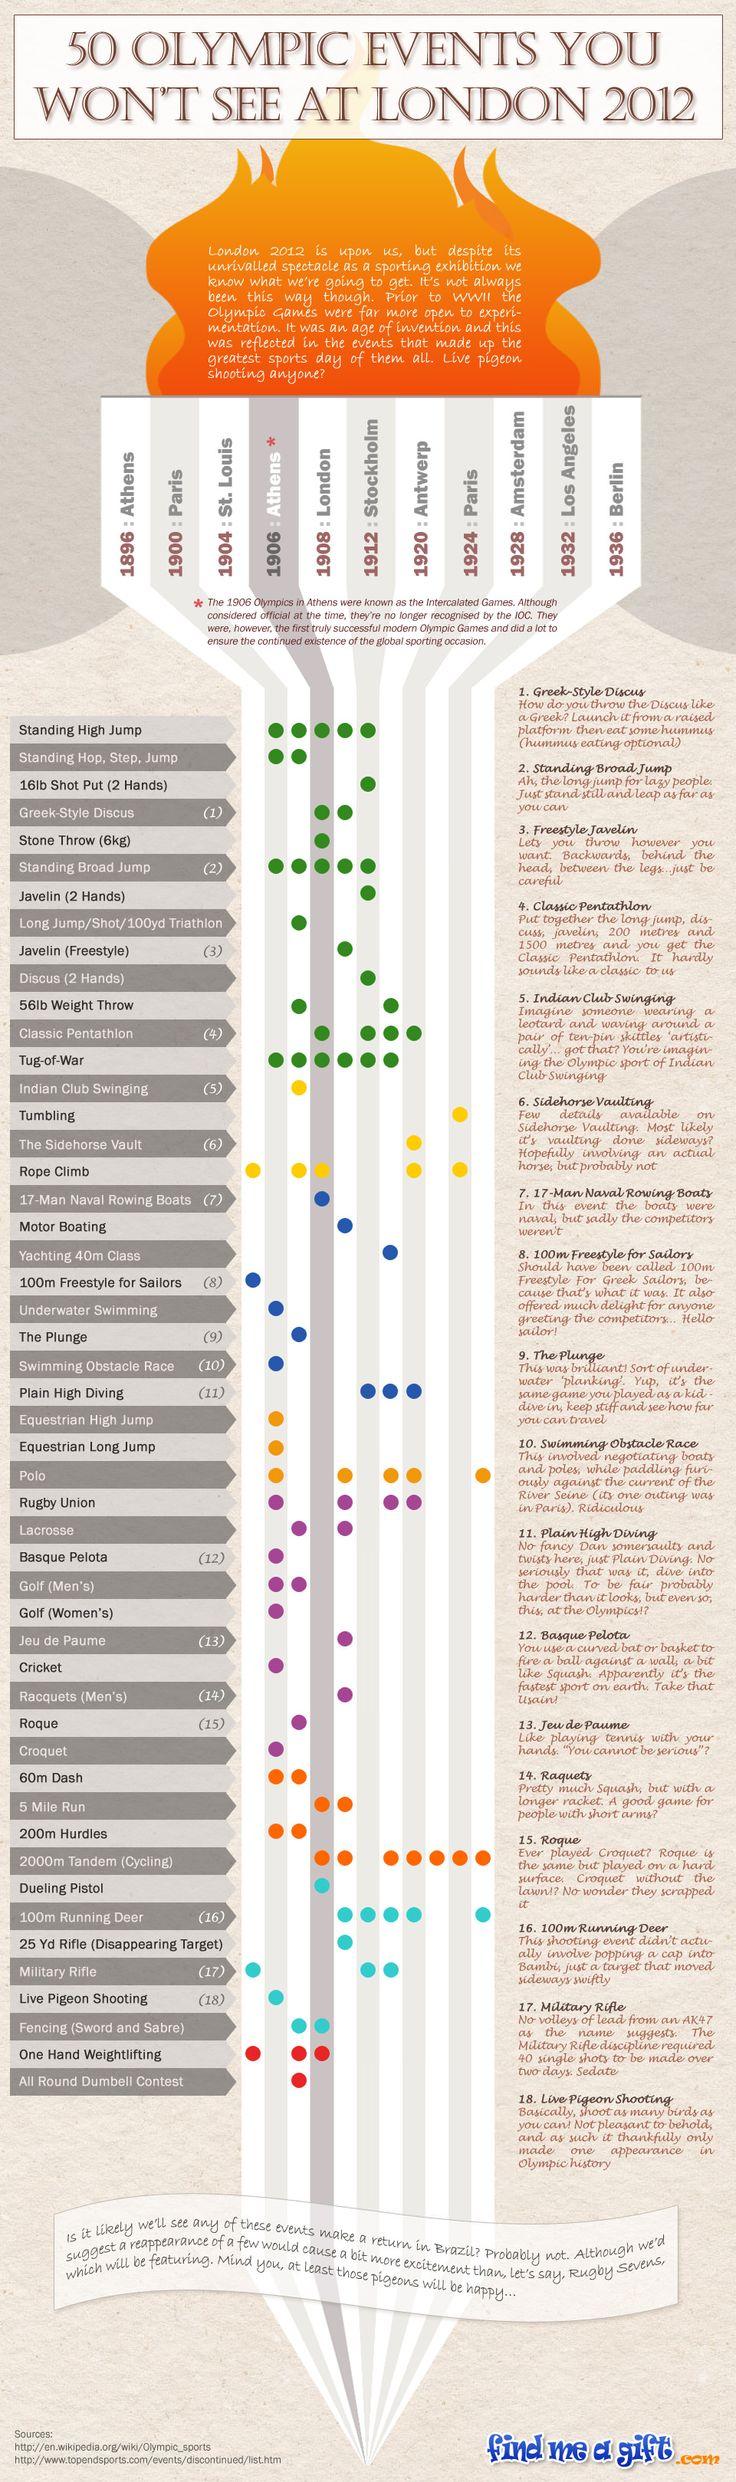 The 2012 Olympics - Visualized #dataviz #olympics @Visually